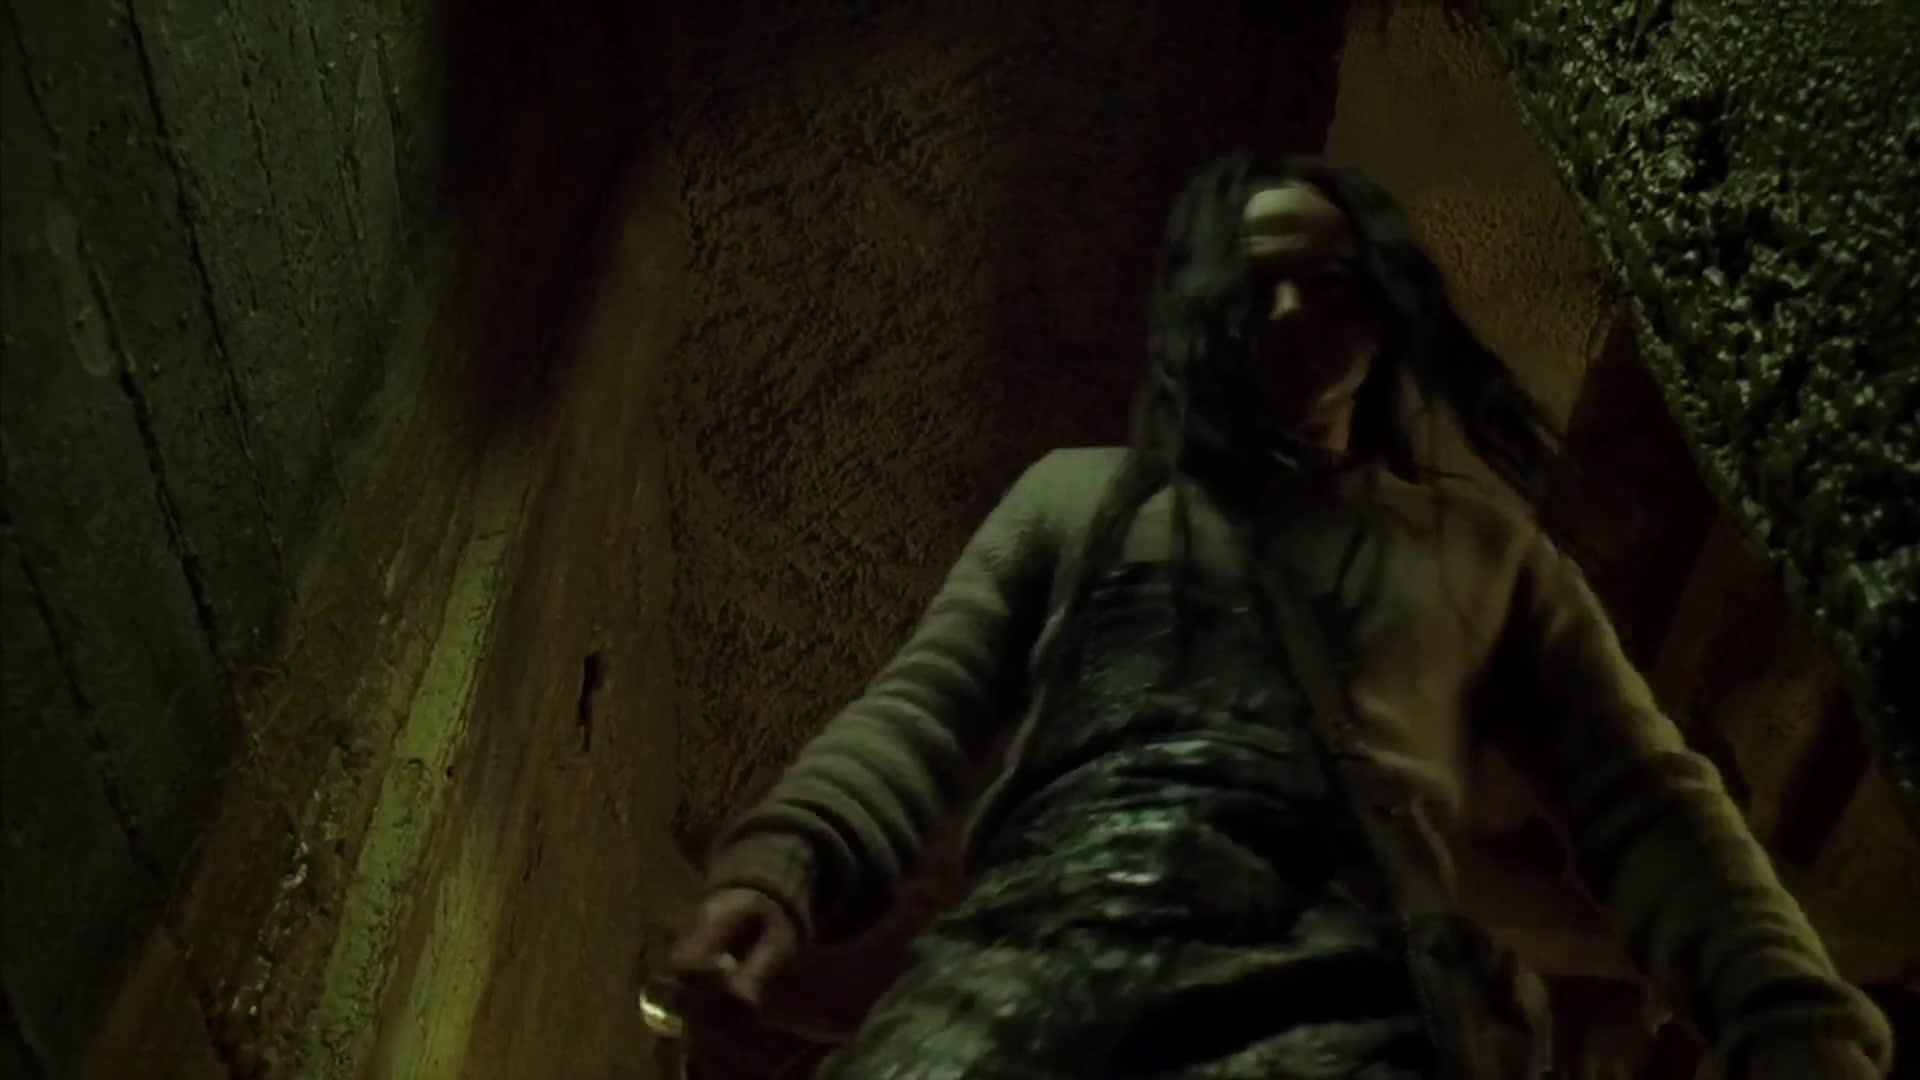 #惊悚看电影#恐怖电影,看完背脊发凉,你敢在一个人看完吗?